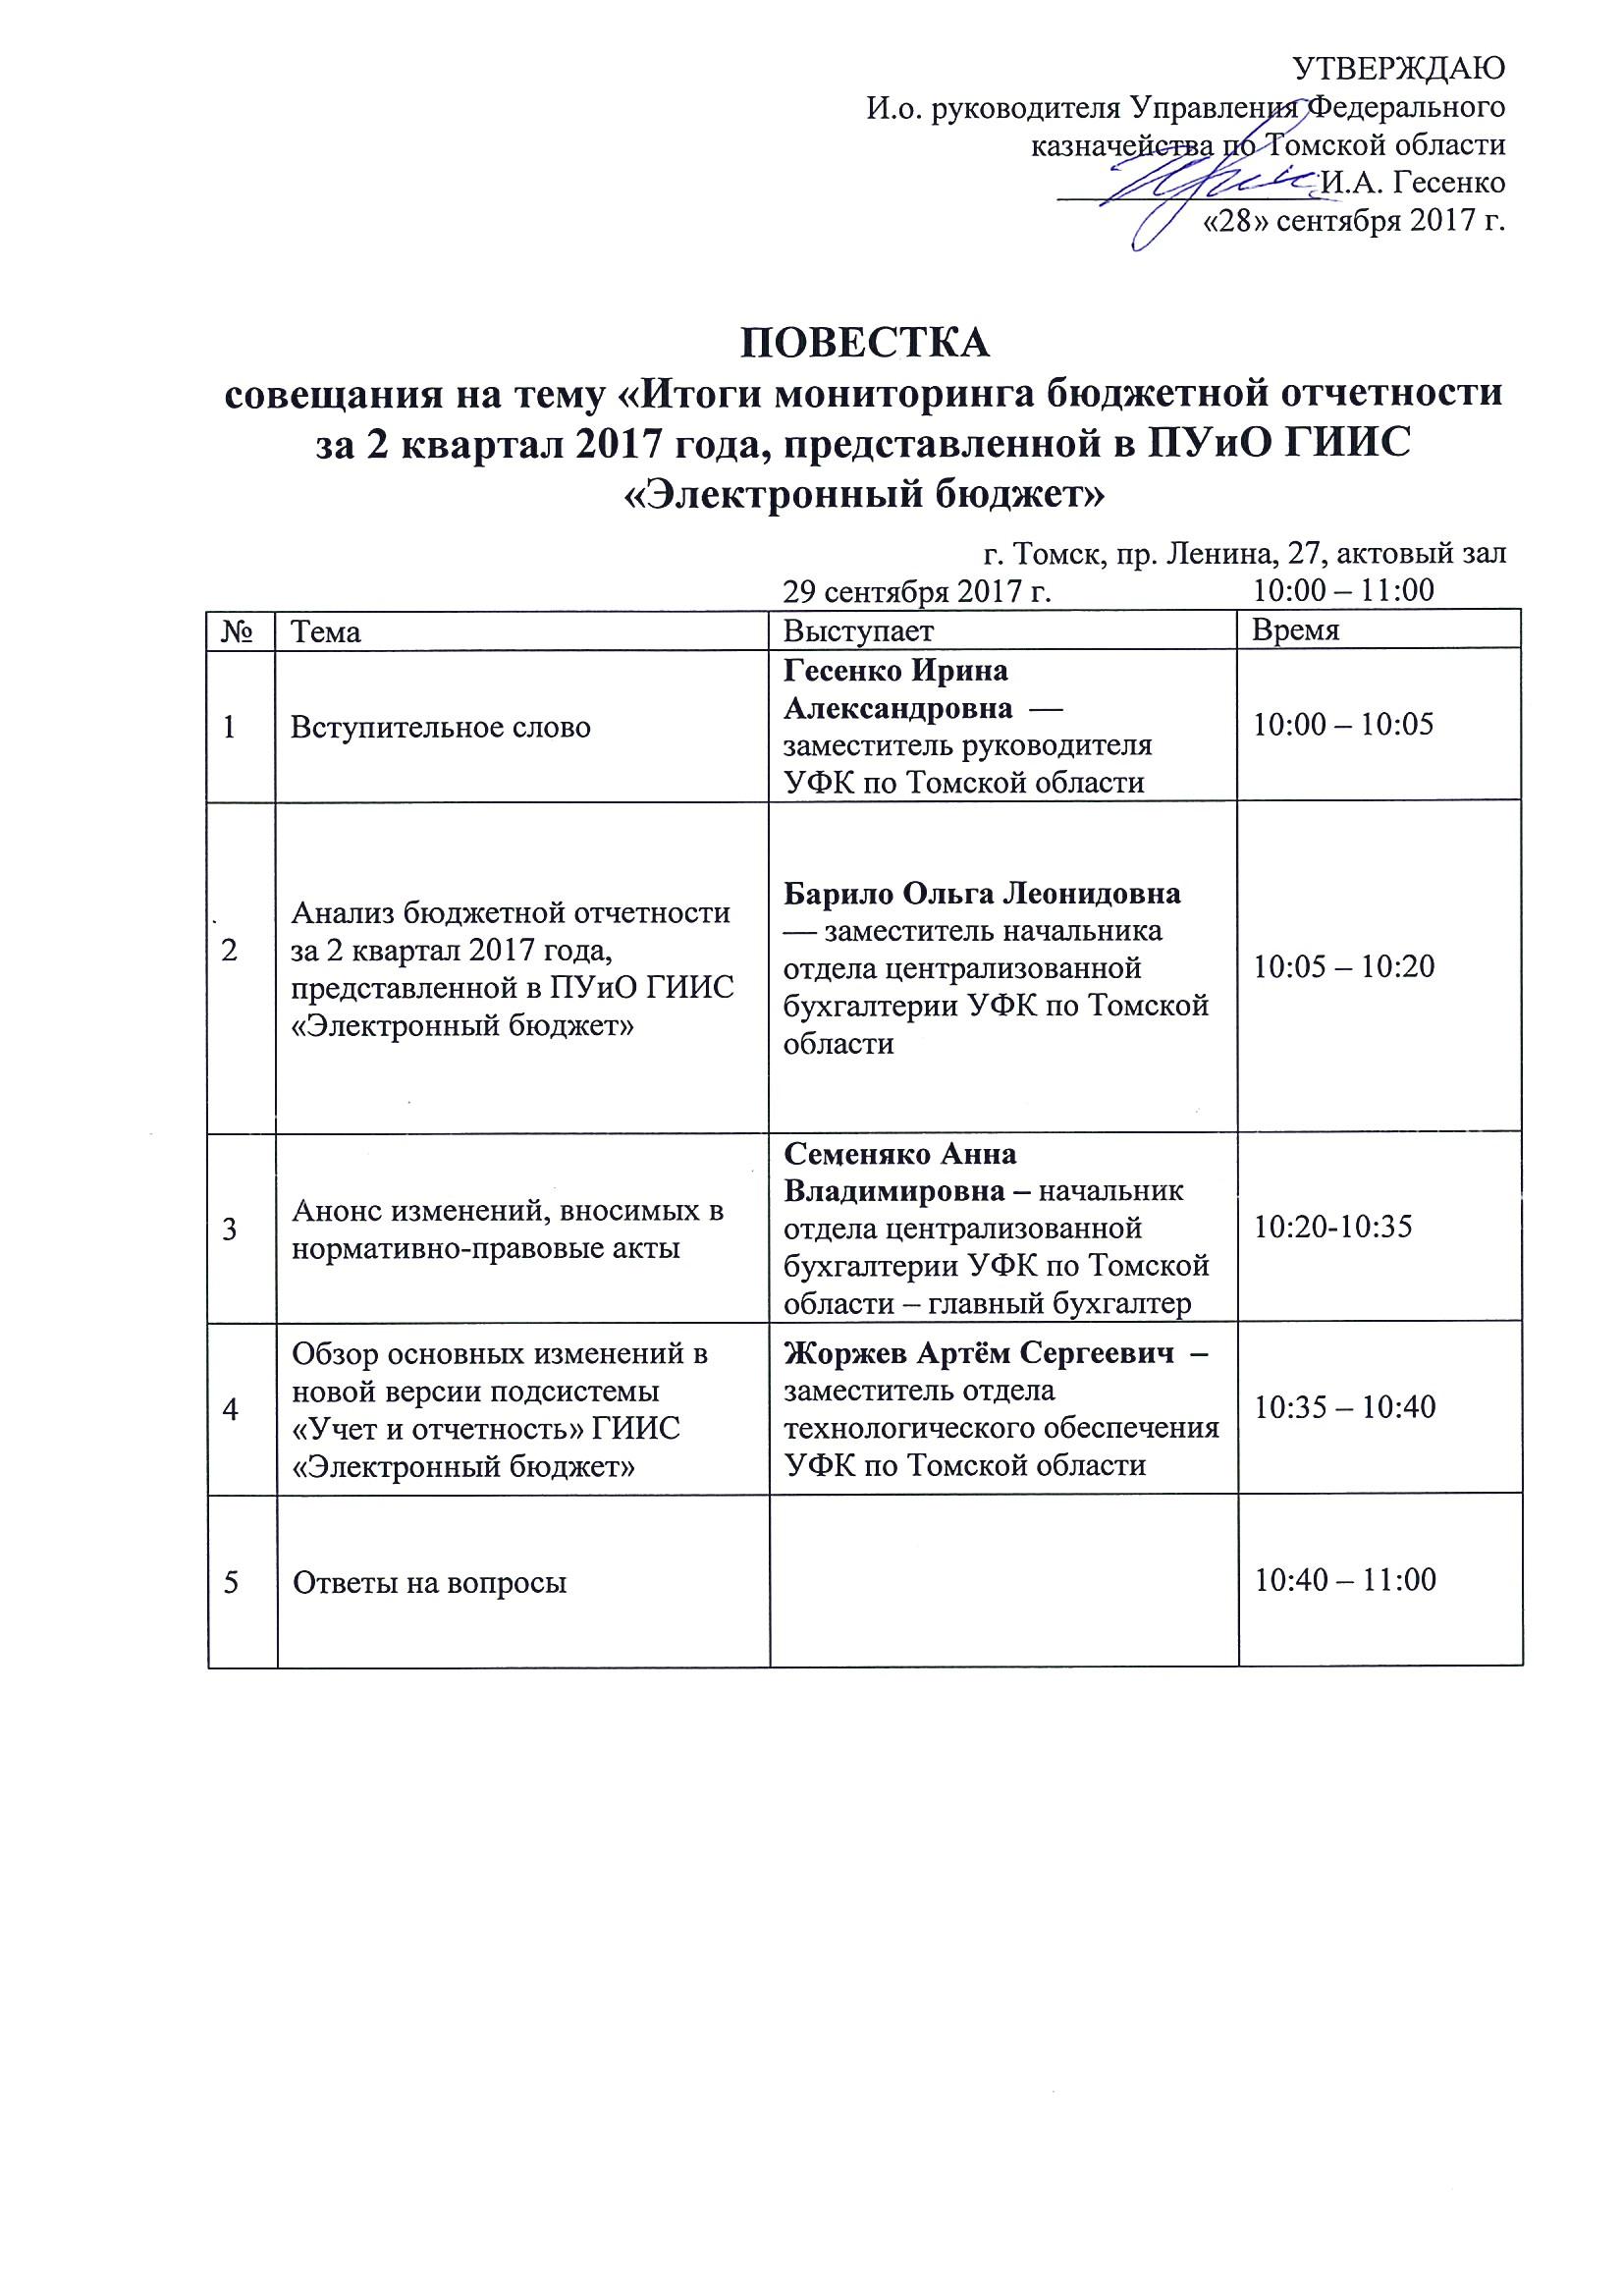 Подсистема учета и отчетности электронного бюджета заключение договора с пфр на электронную отчетность